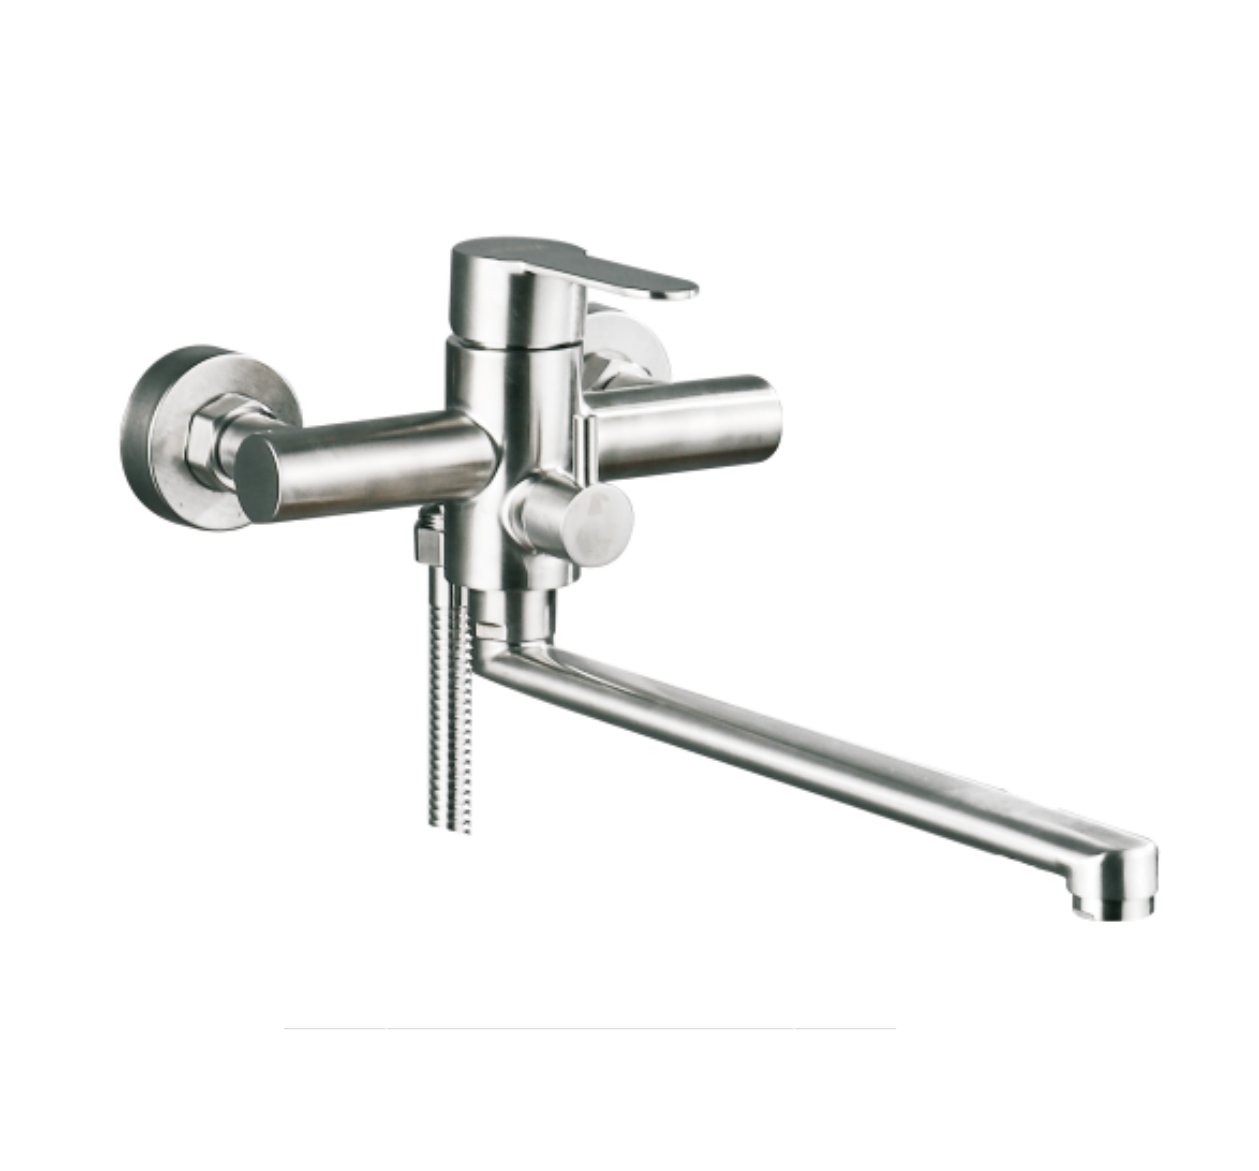 Смеситель для ванны ORTA VILS 50617-35F (SUS 304) монокомандный смеситель orta lippe 50621 монокомандный